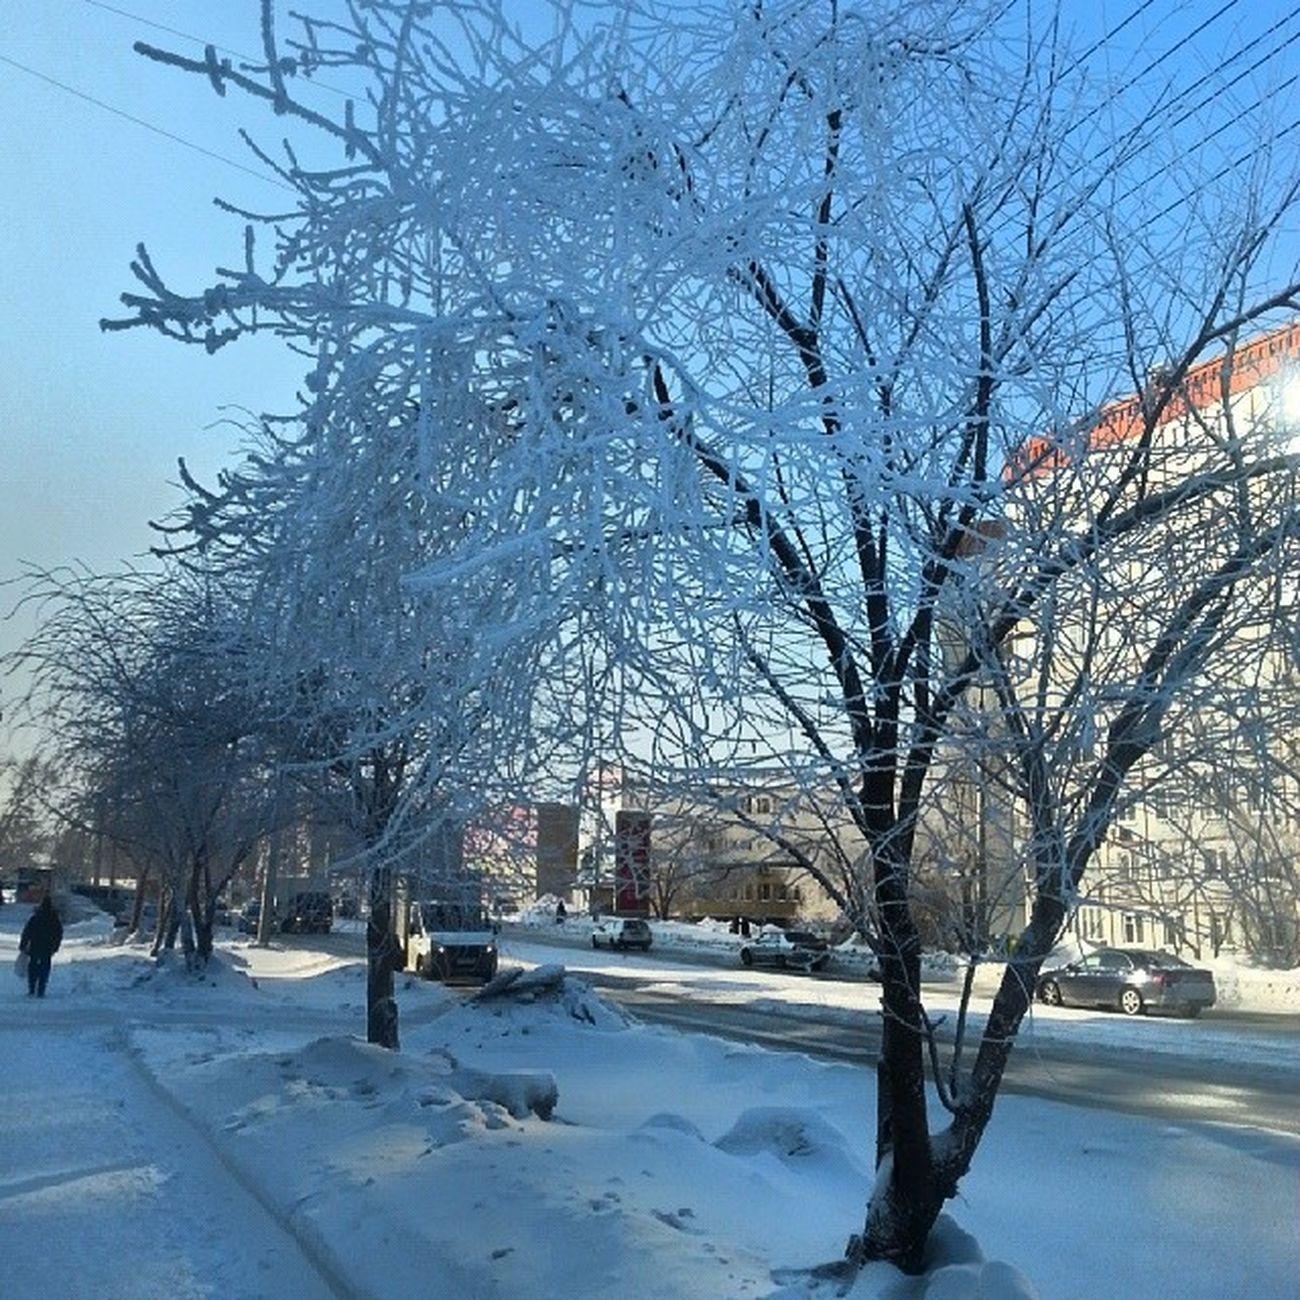 2014 -02, Новосибирск . деревья в мороз -36/ Novosibirsk. Tree in minus36.